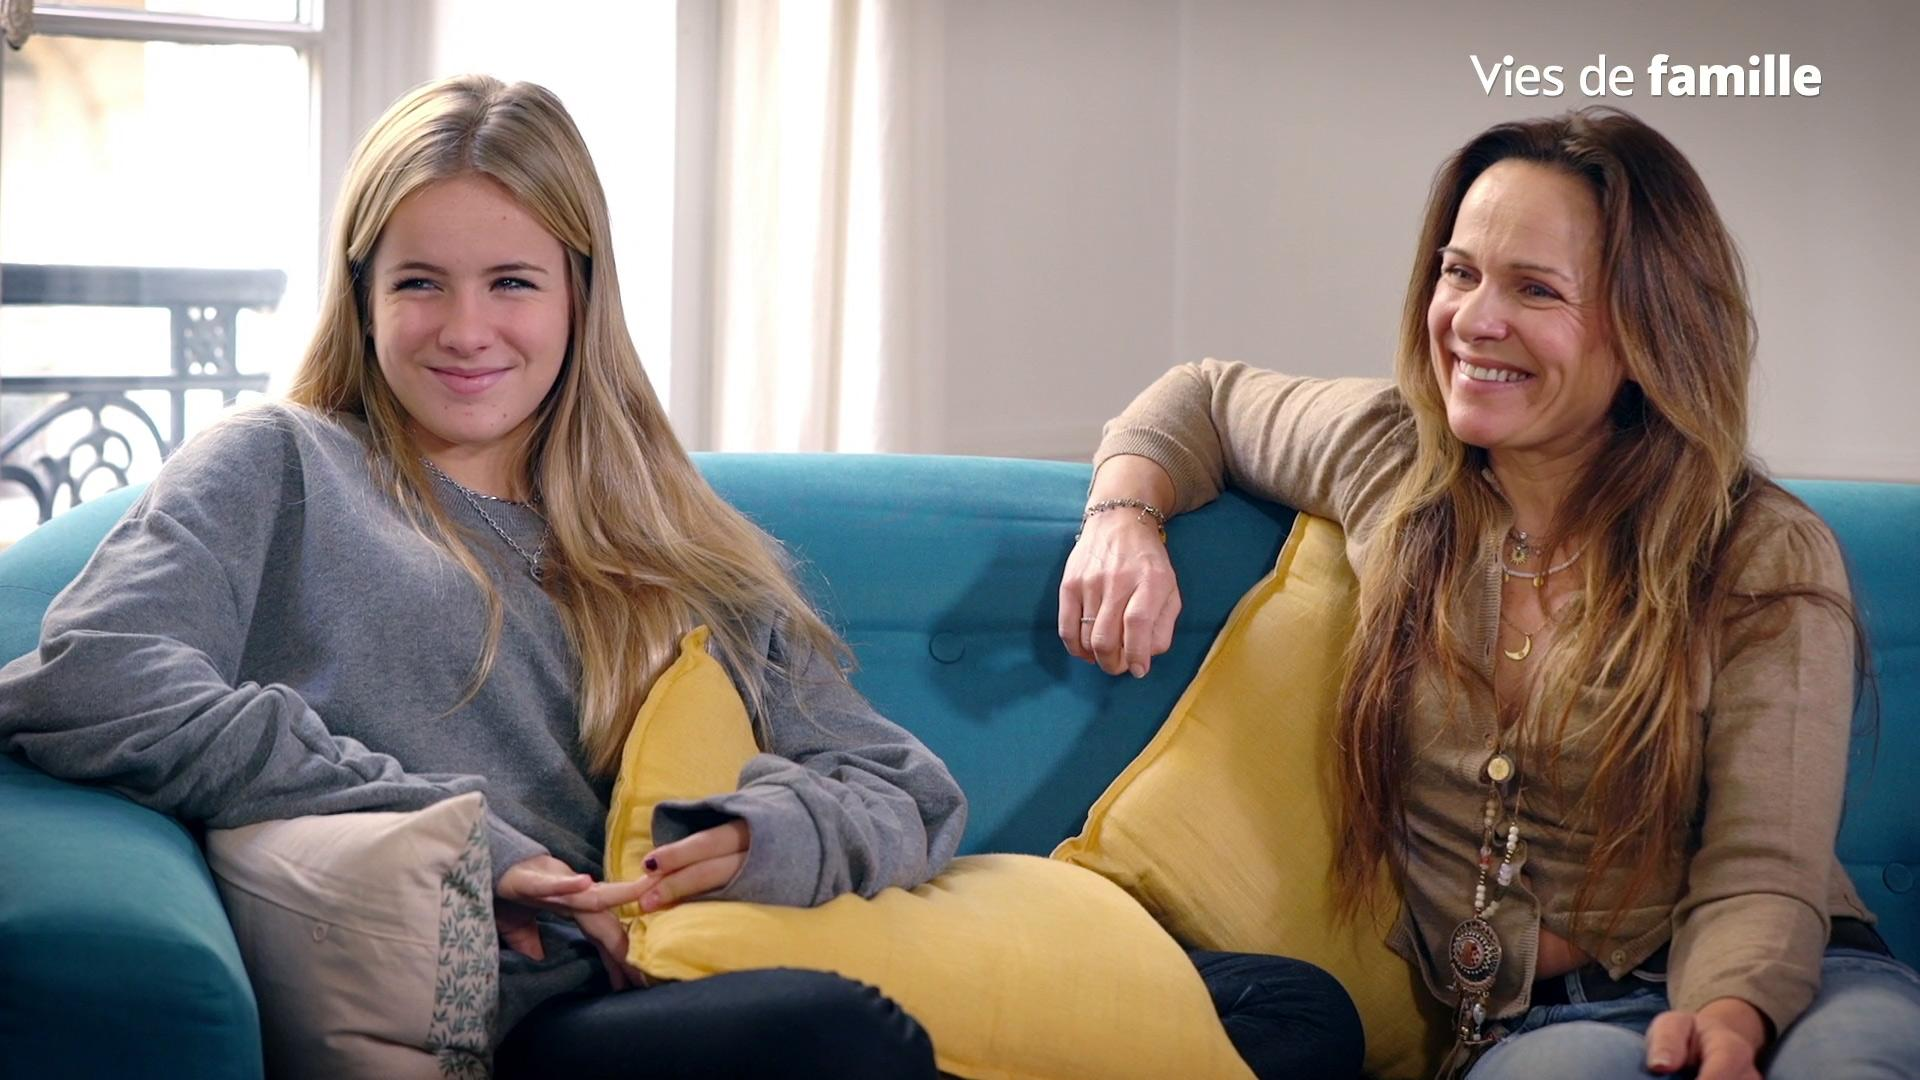 Témoignage de Virginie et sa fille Joséphine qui se confient sur l'adolescence